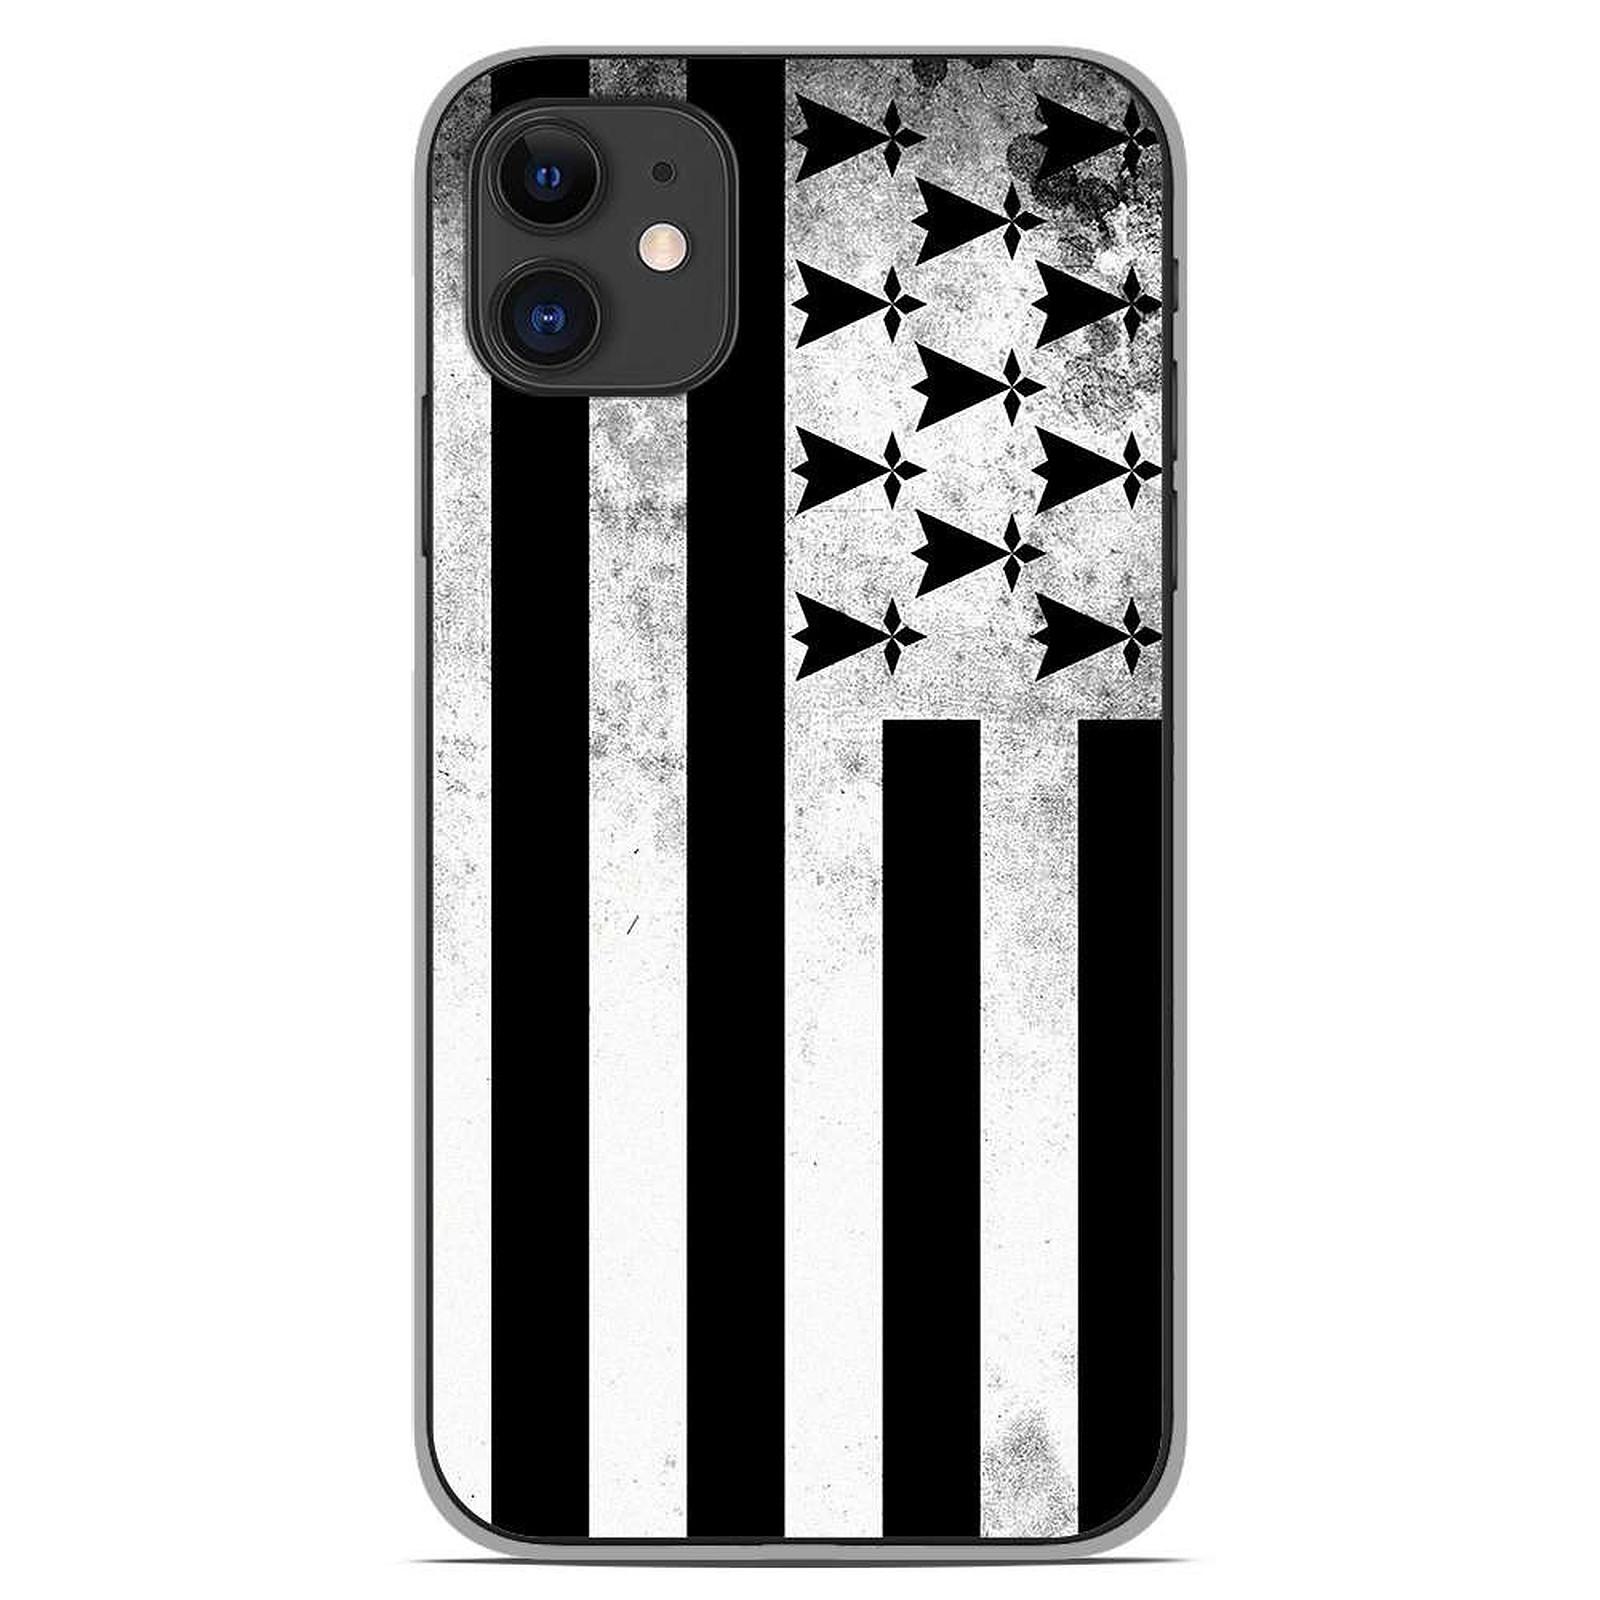 1001 Coques Coque silicone gel Apple iPhone 11 motif Drapeau Bretagne